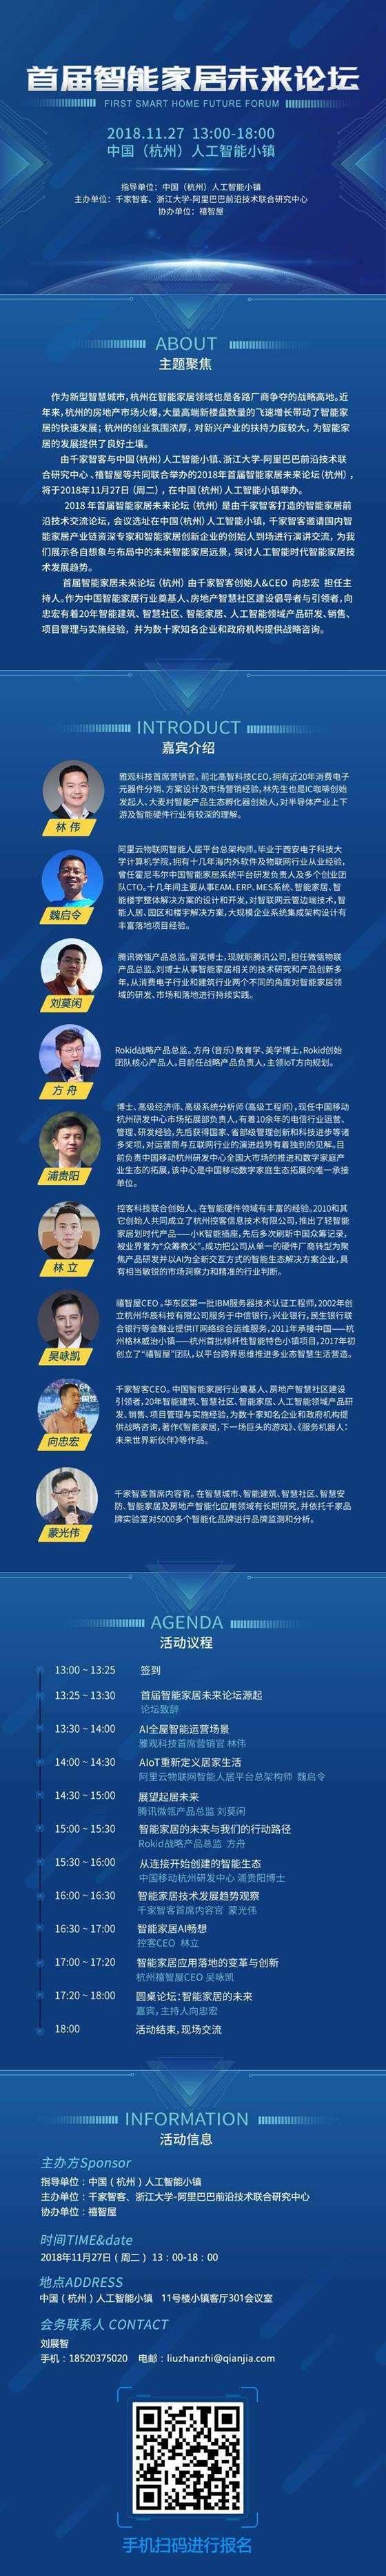 杭州最新长图.jpg